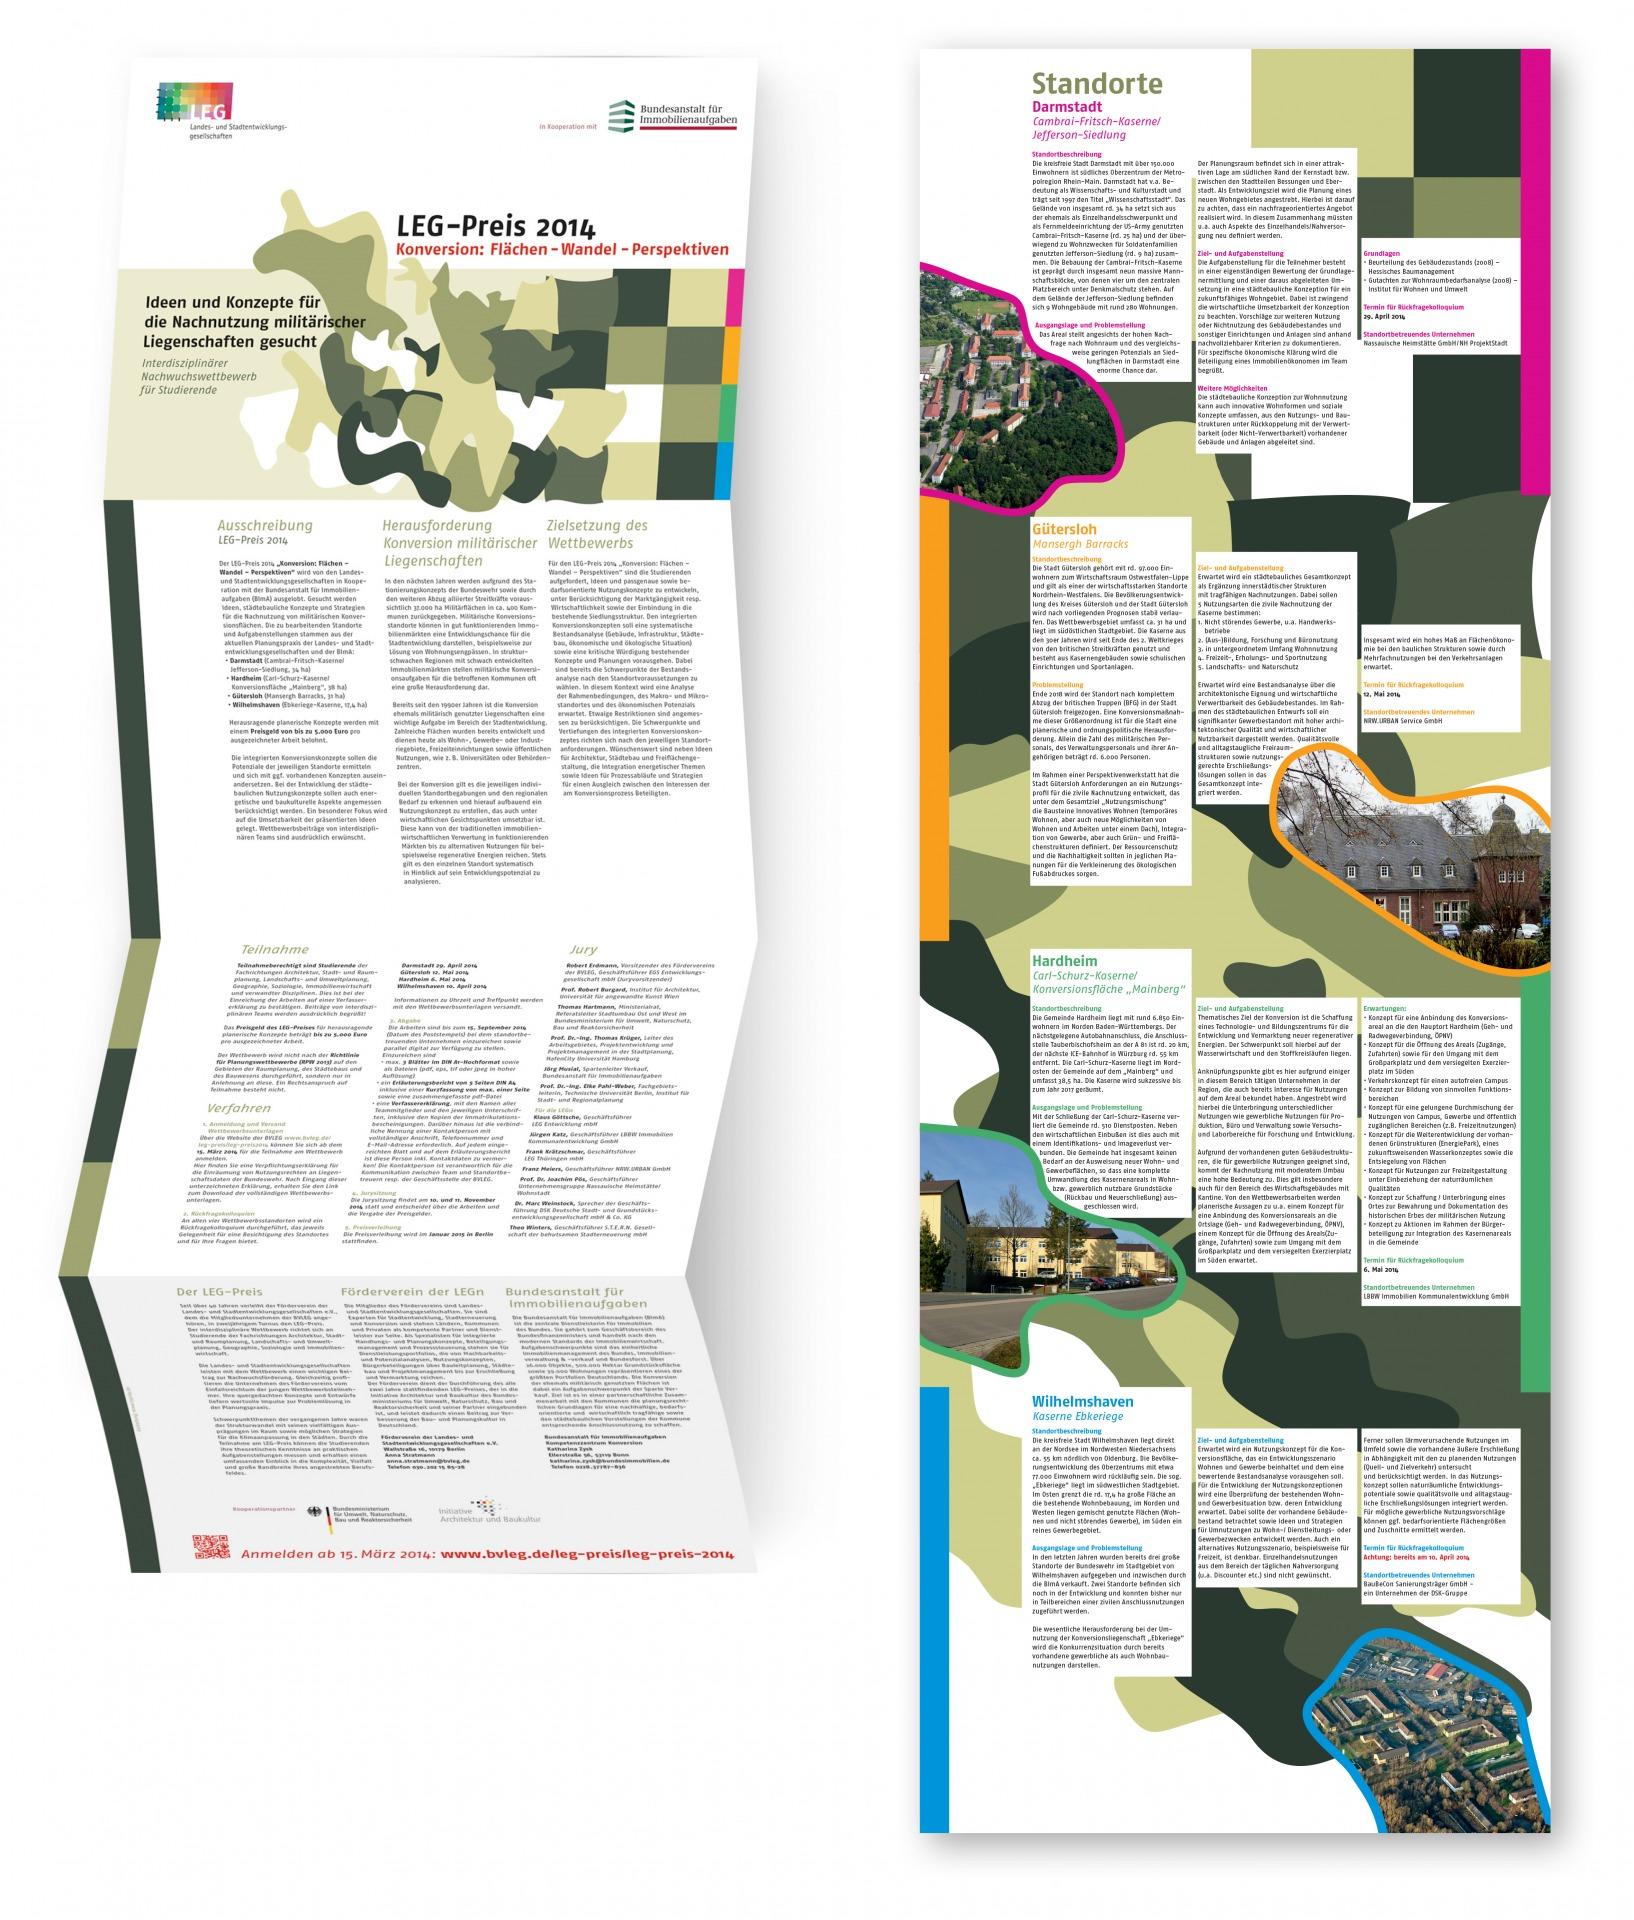 Gestaltung des Infoplakates für einen Studenten-Wettbewerb - Typoly